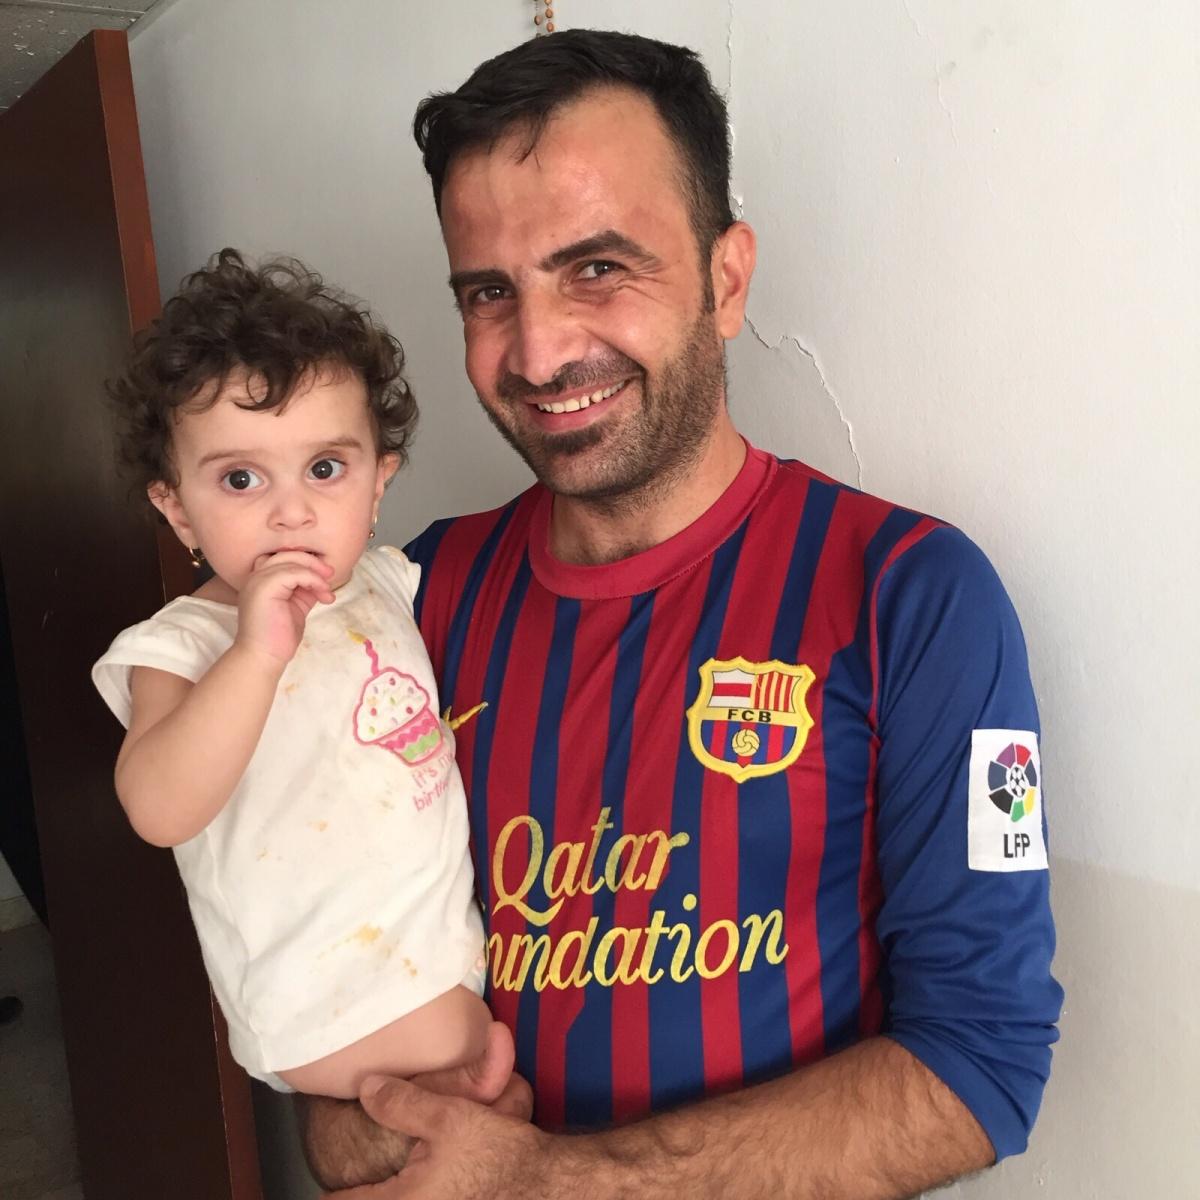 la pequeña Perla, refugiada iraquí en Jordania,  en brazos de sus padre. Foto:África Marcitllach